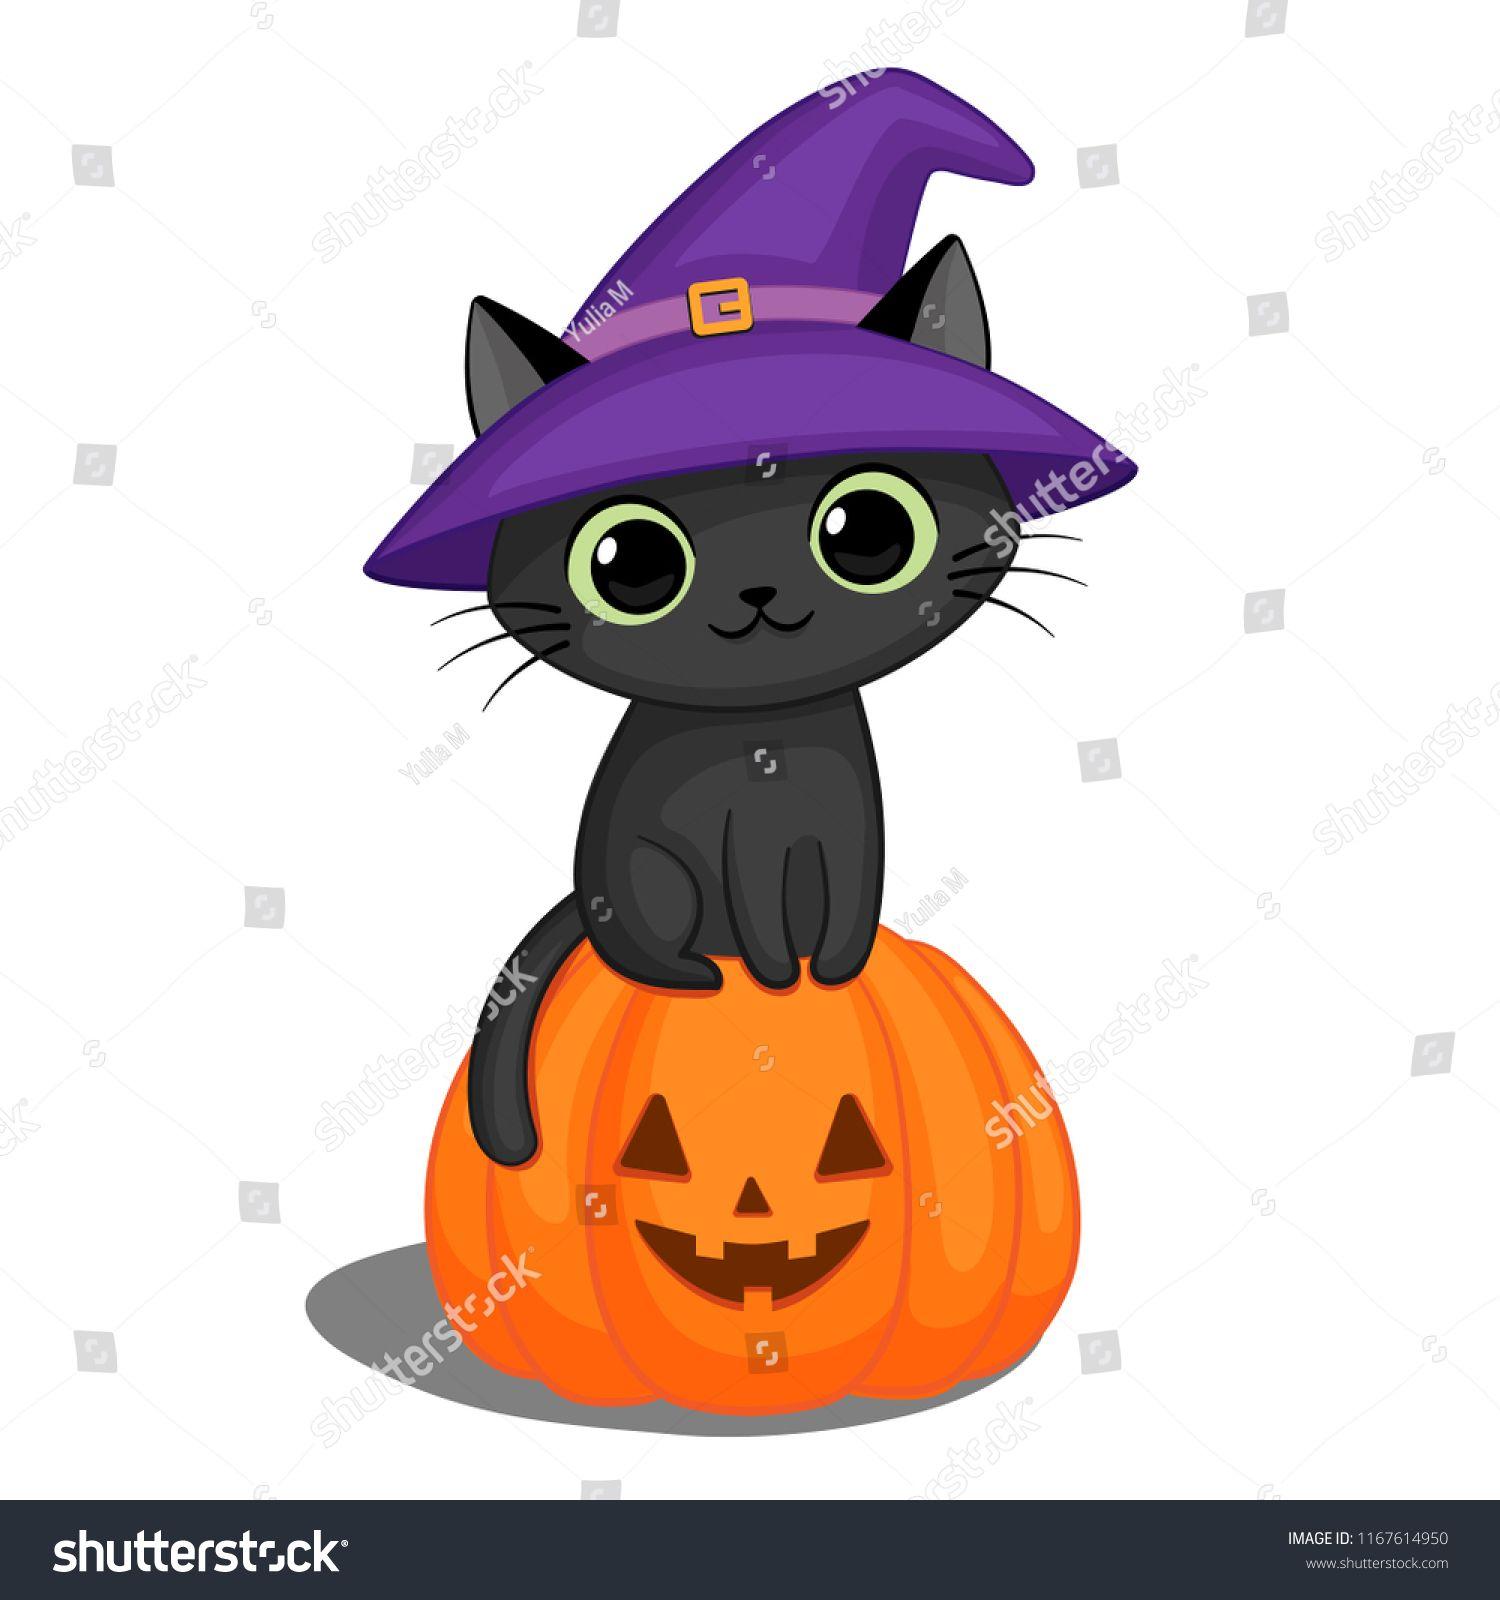 Cute Black Cat In A Witch Hat Sitting On A Halloween Pumpkin Ad Affiliate Cat Witch Cute Black Witch Cute Cute Black Cat Cute Black Cats